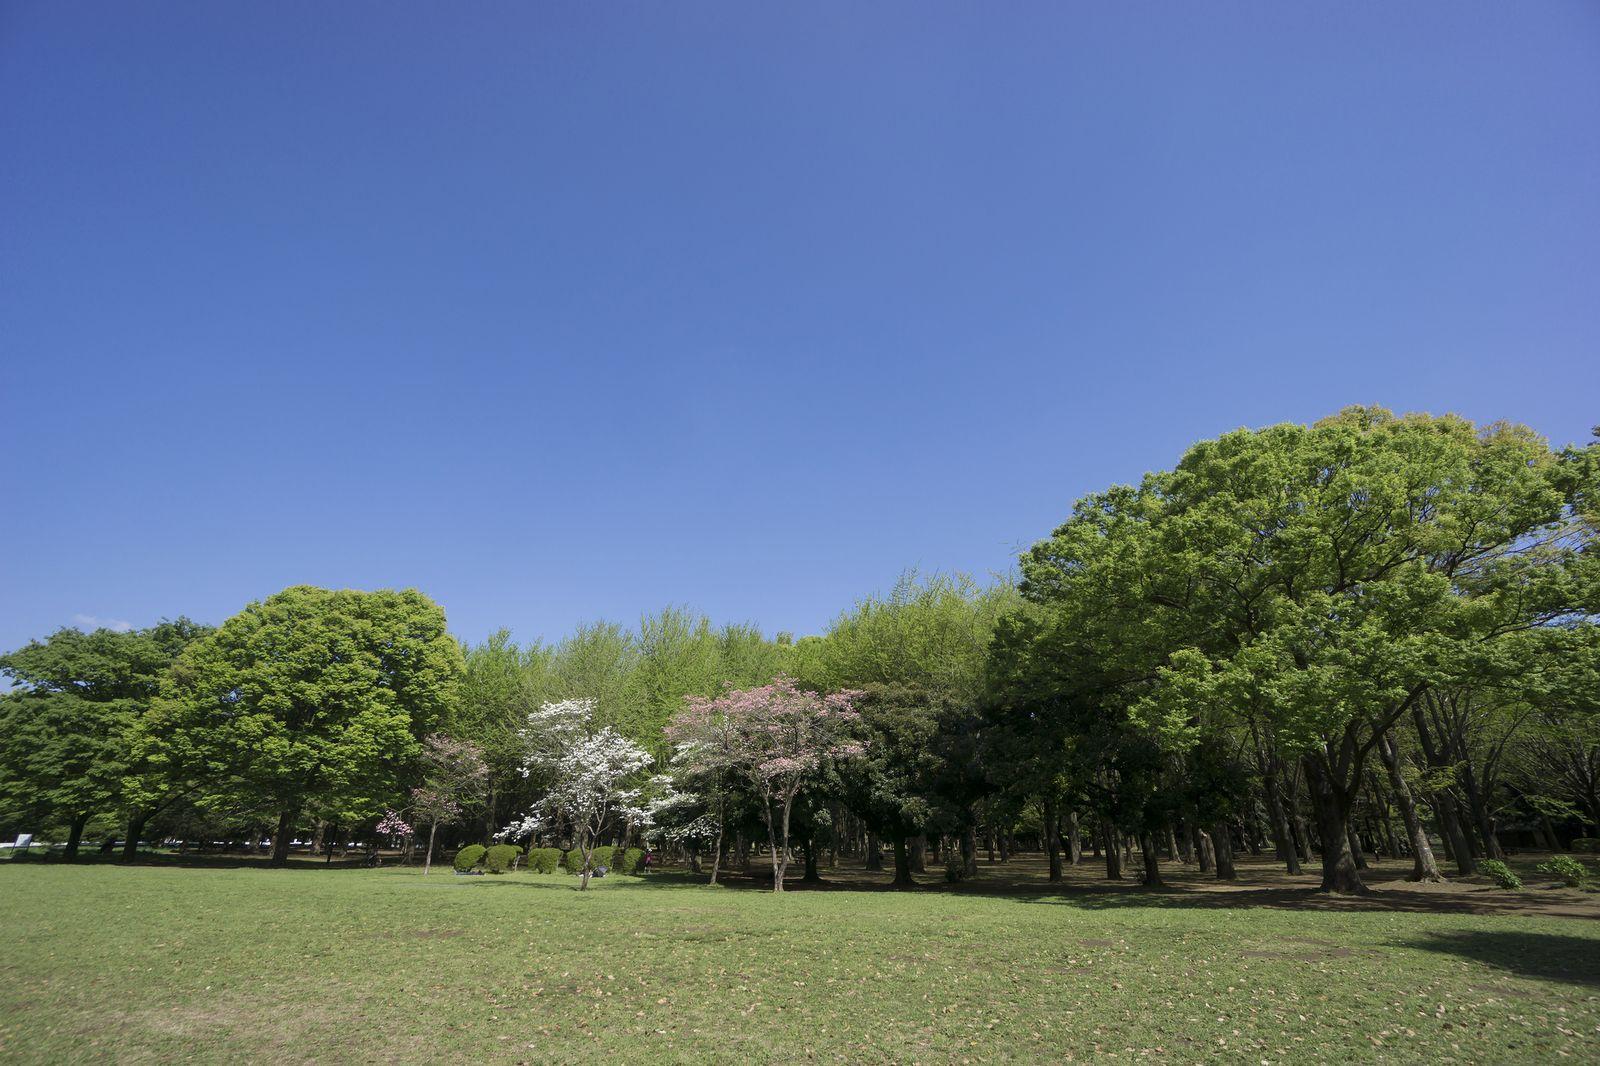 日本文化の発信地!原宿の人気おすすめ観光スポット10選                このまとめ記事の目次